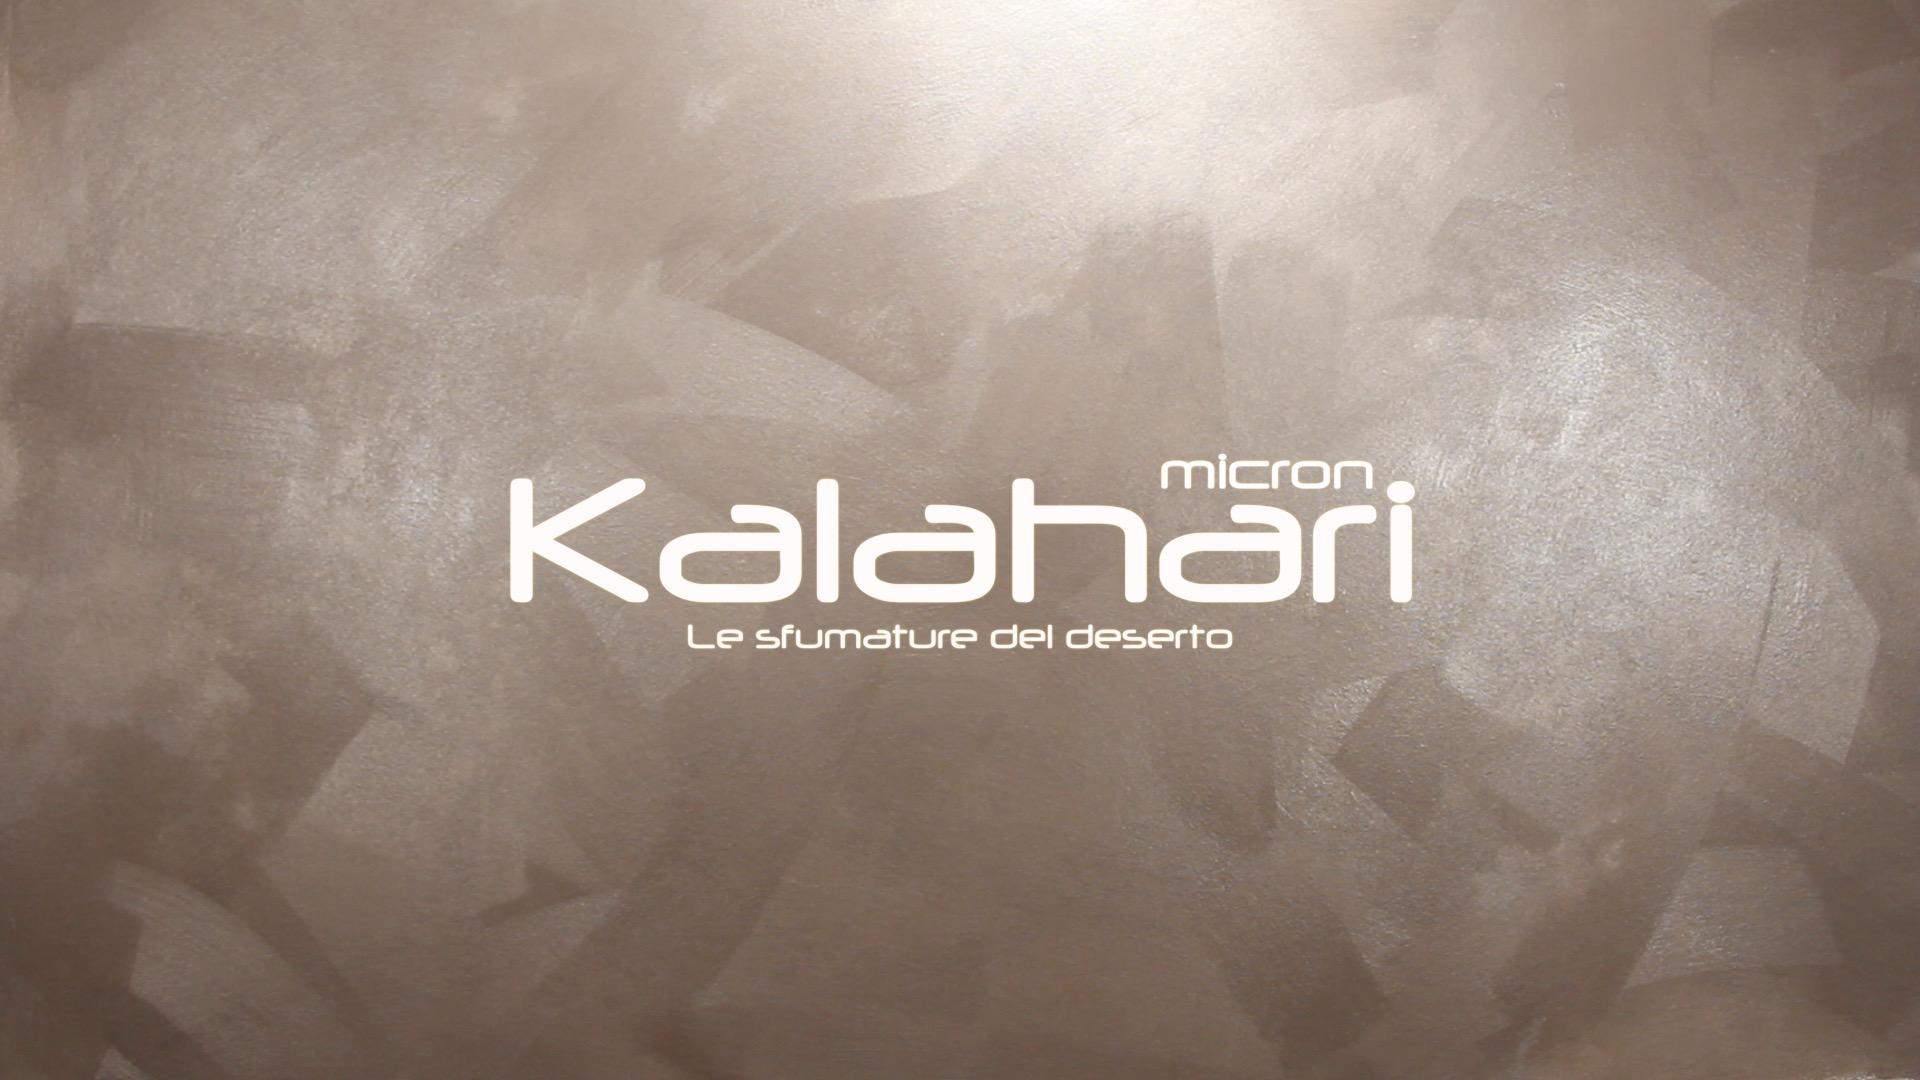 Kalahari Micron